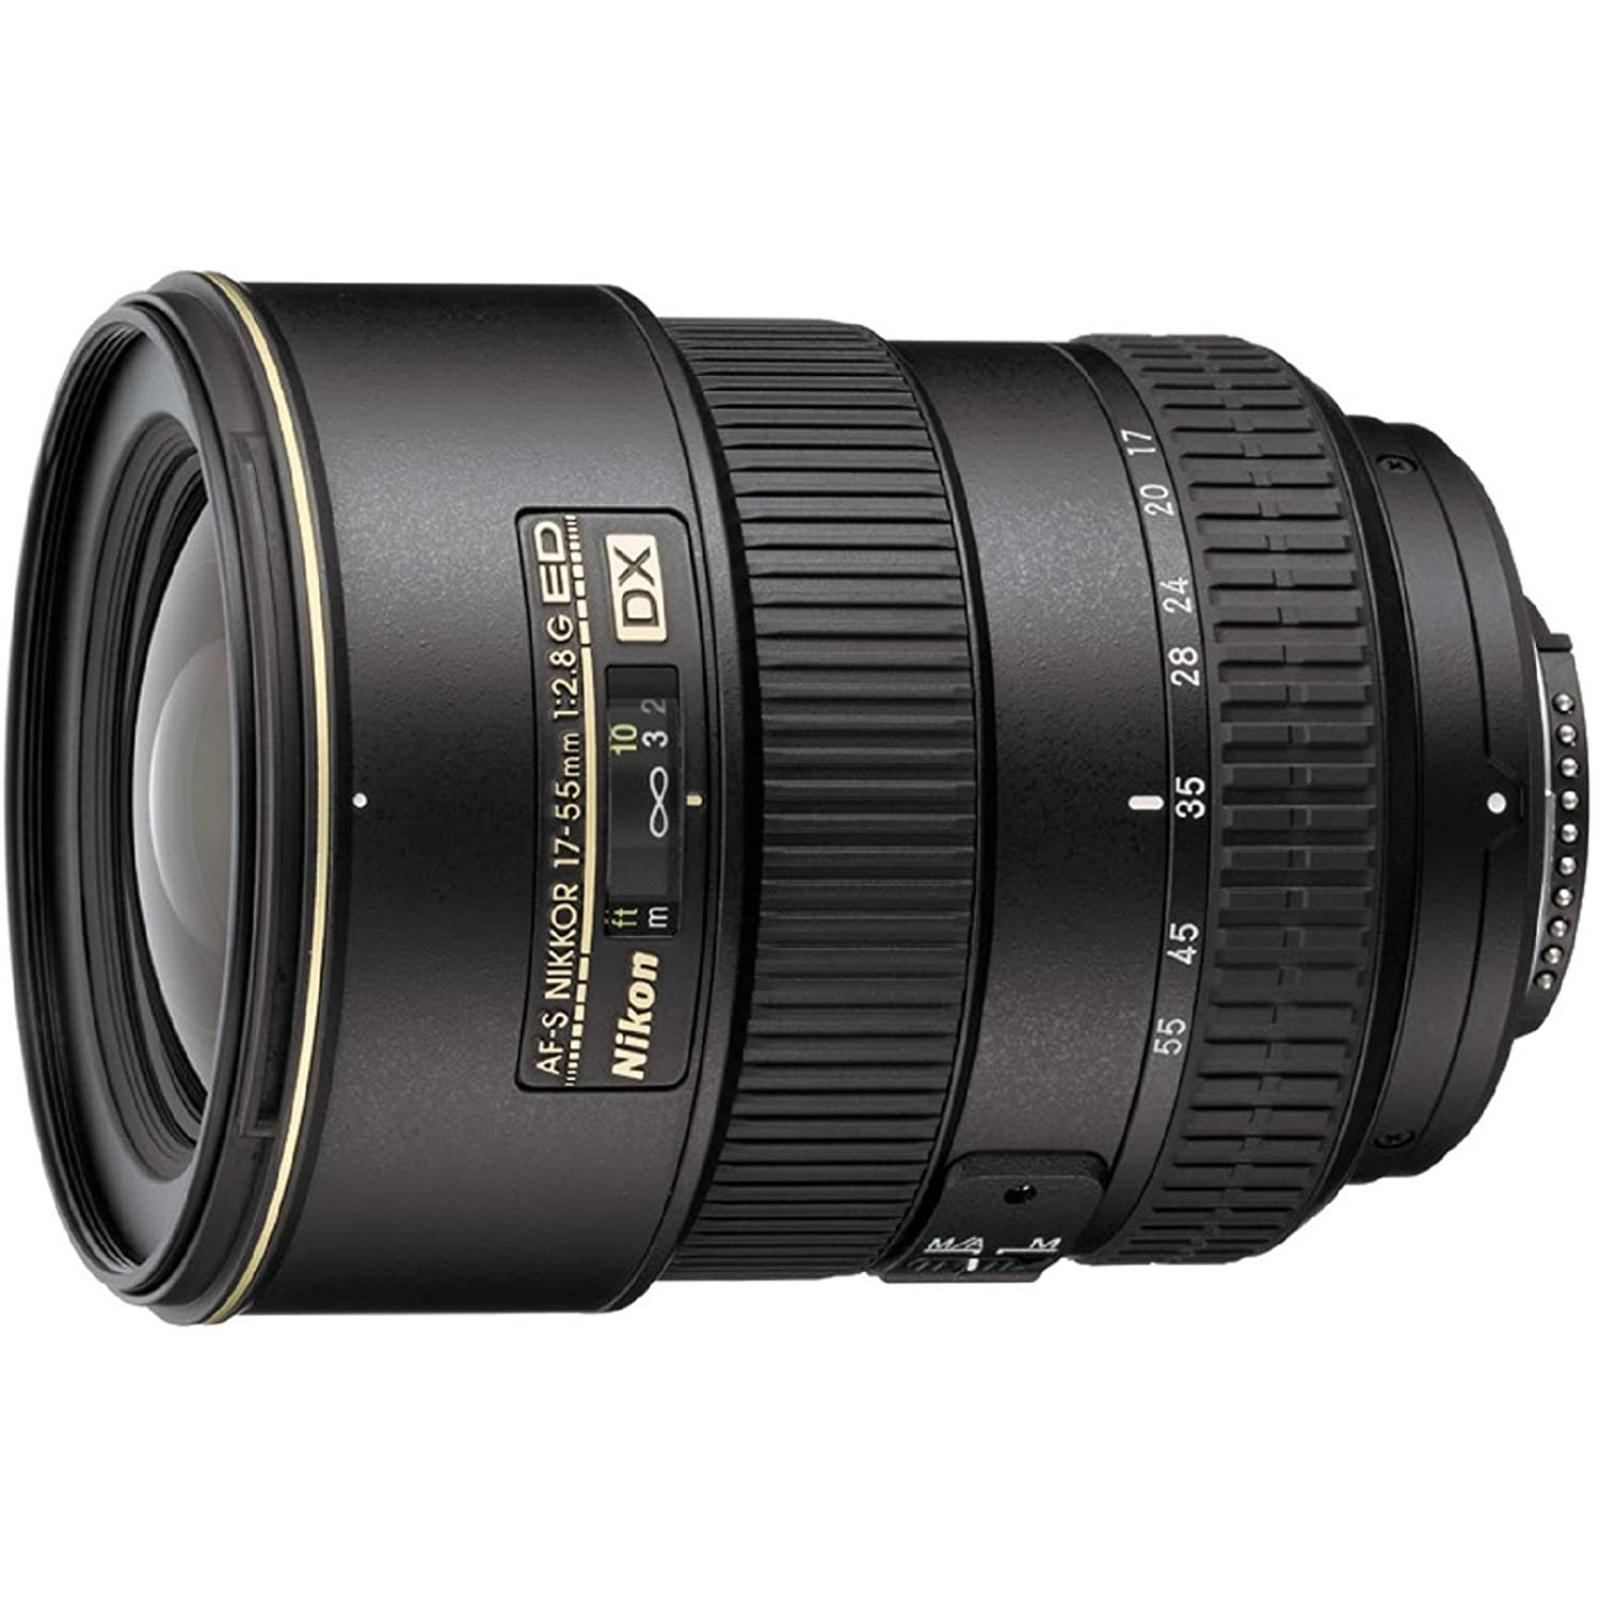 Nikon ニコン 標準ズームレンズ AF-S DX Zoom Nikkor 17-55mm f/2.8G IF-ED ブラック 新品